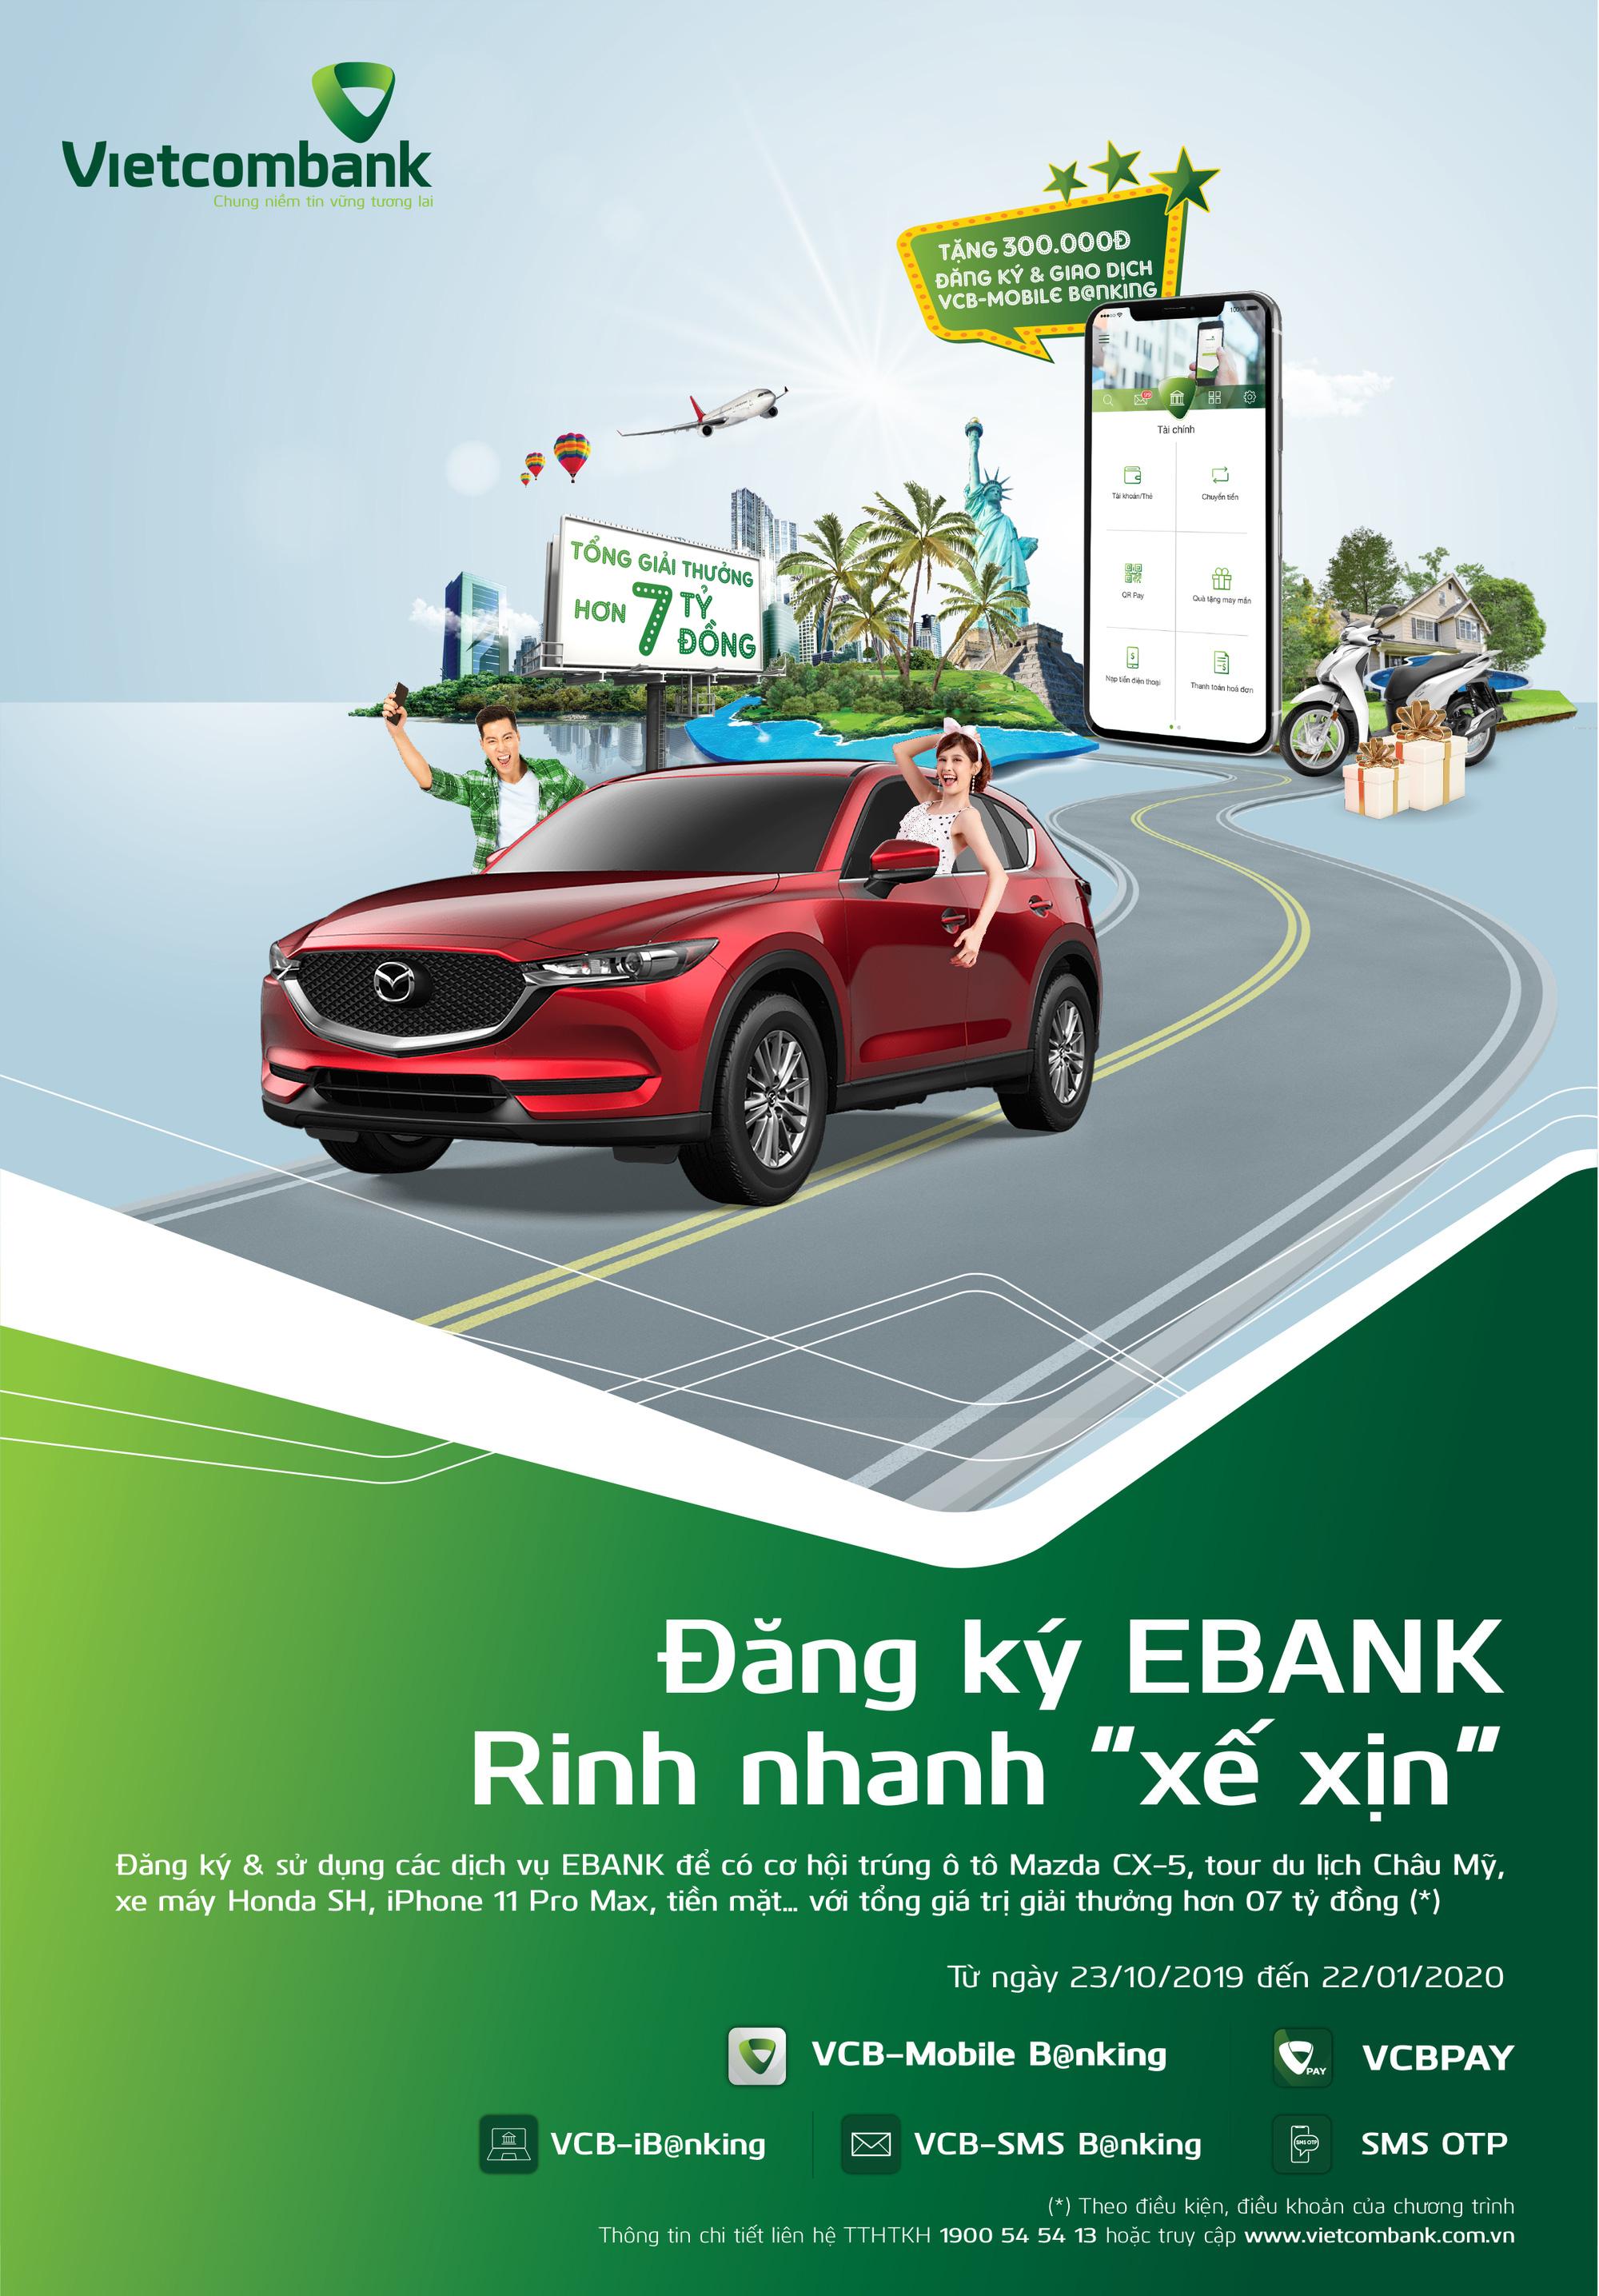 MOBILE BANKING - Hành trình từ trải nghiệm mới mẻ cách đây gần một thập kỉ cho đến sứ mệnh thay đổi thói quen tiêu tiền của người Việt - Ảnh 12.